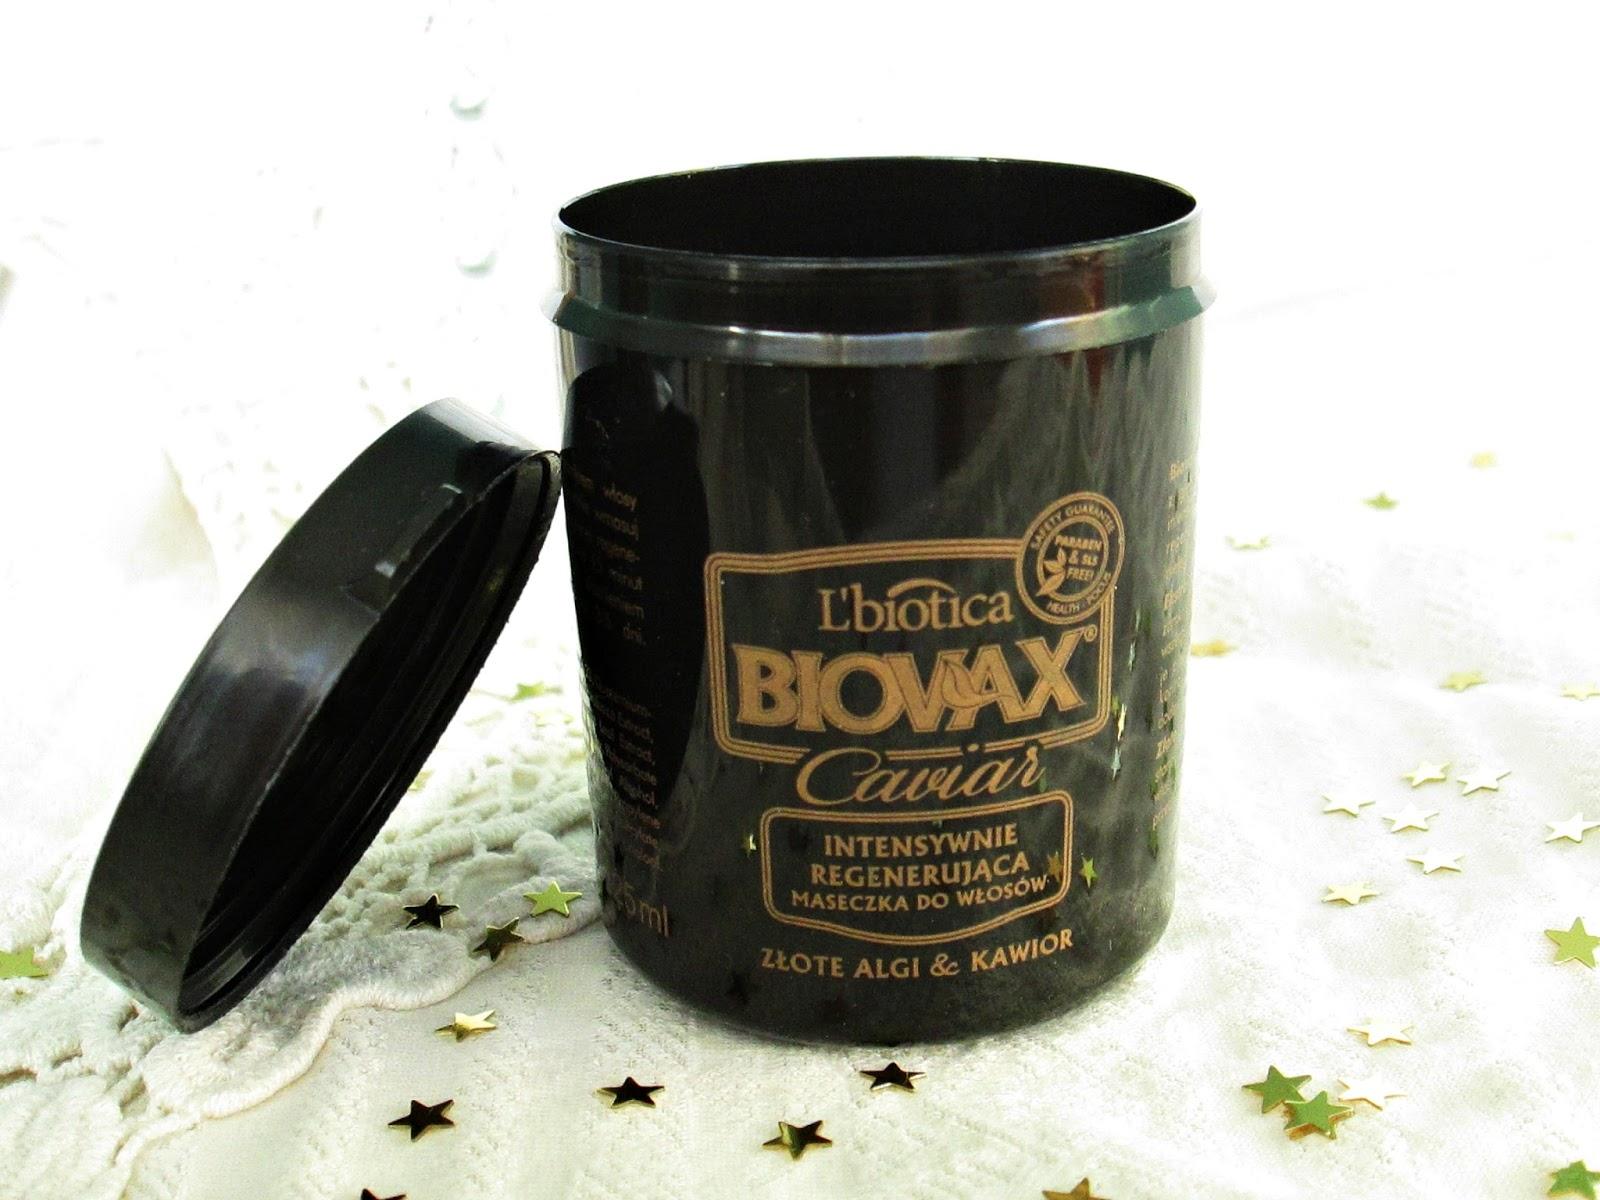 Biovax Caviar maska do włosów